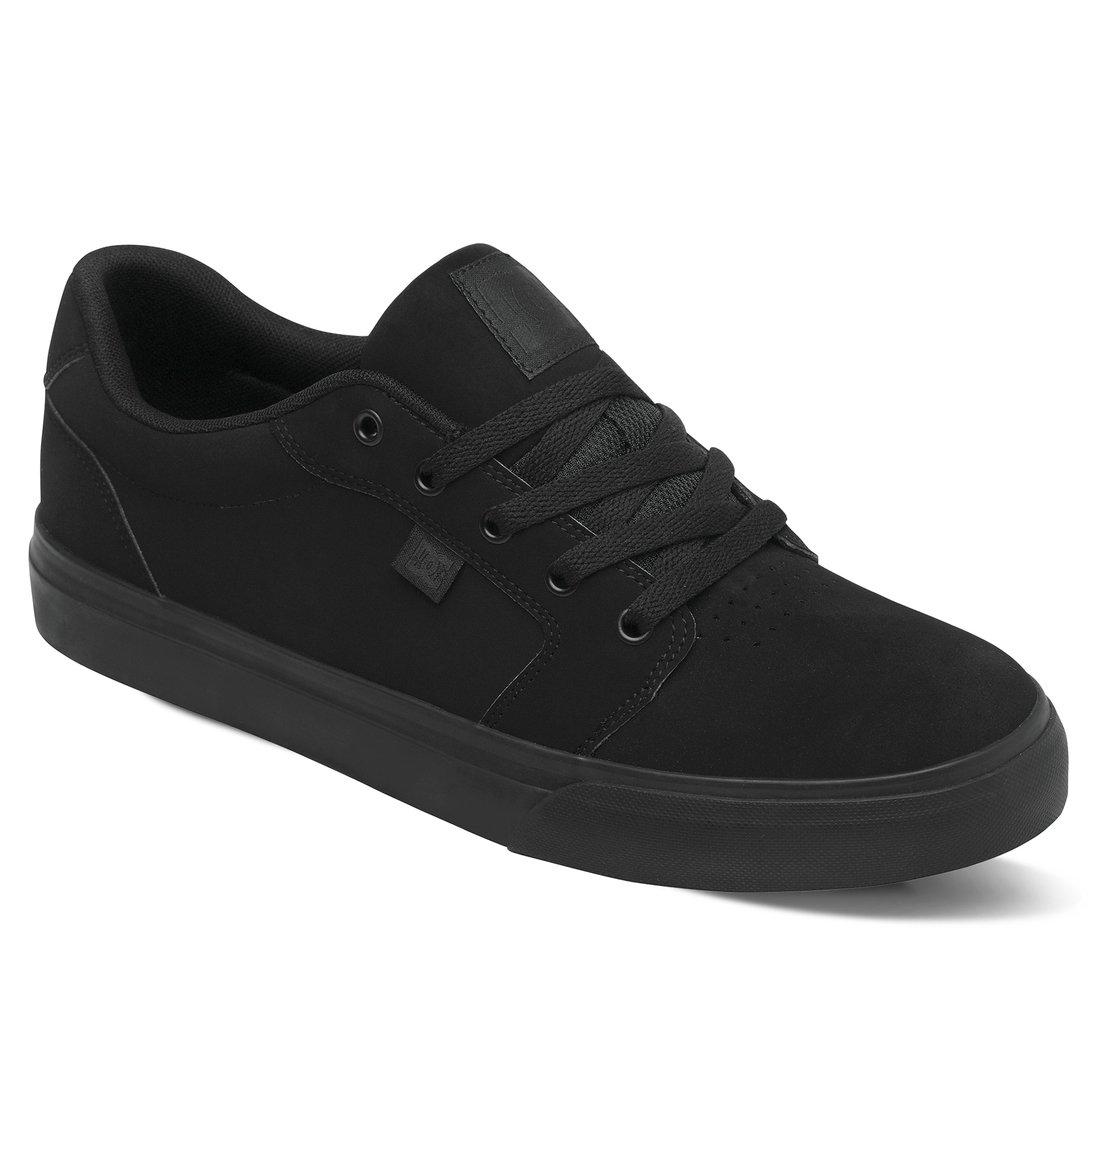 2 Anvil Shoes Black 303190 DC Shoes aec27a9208